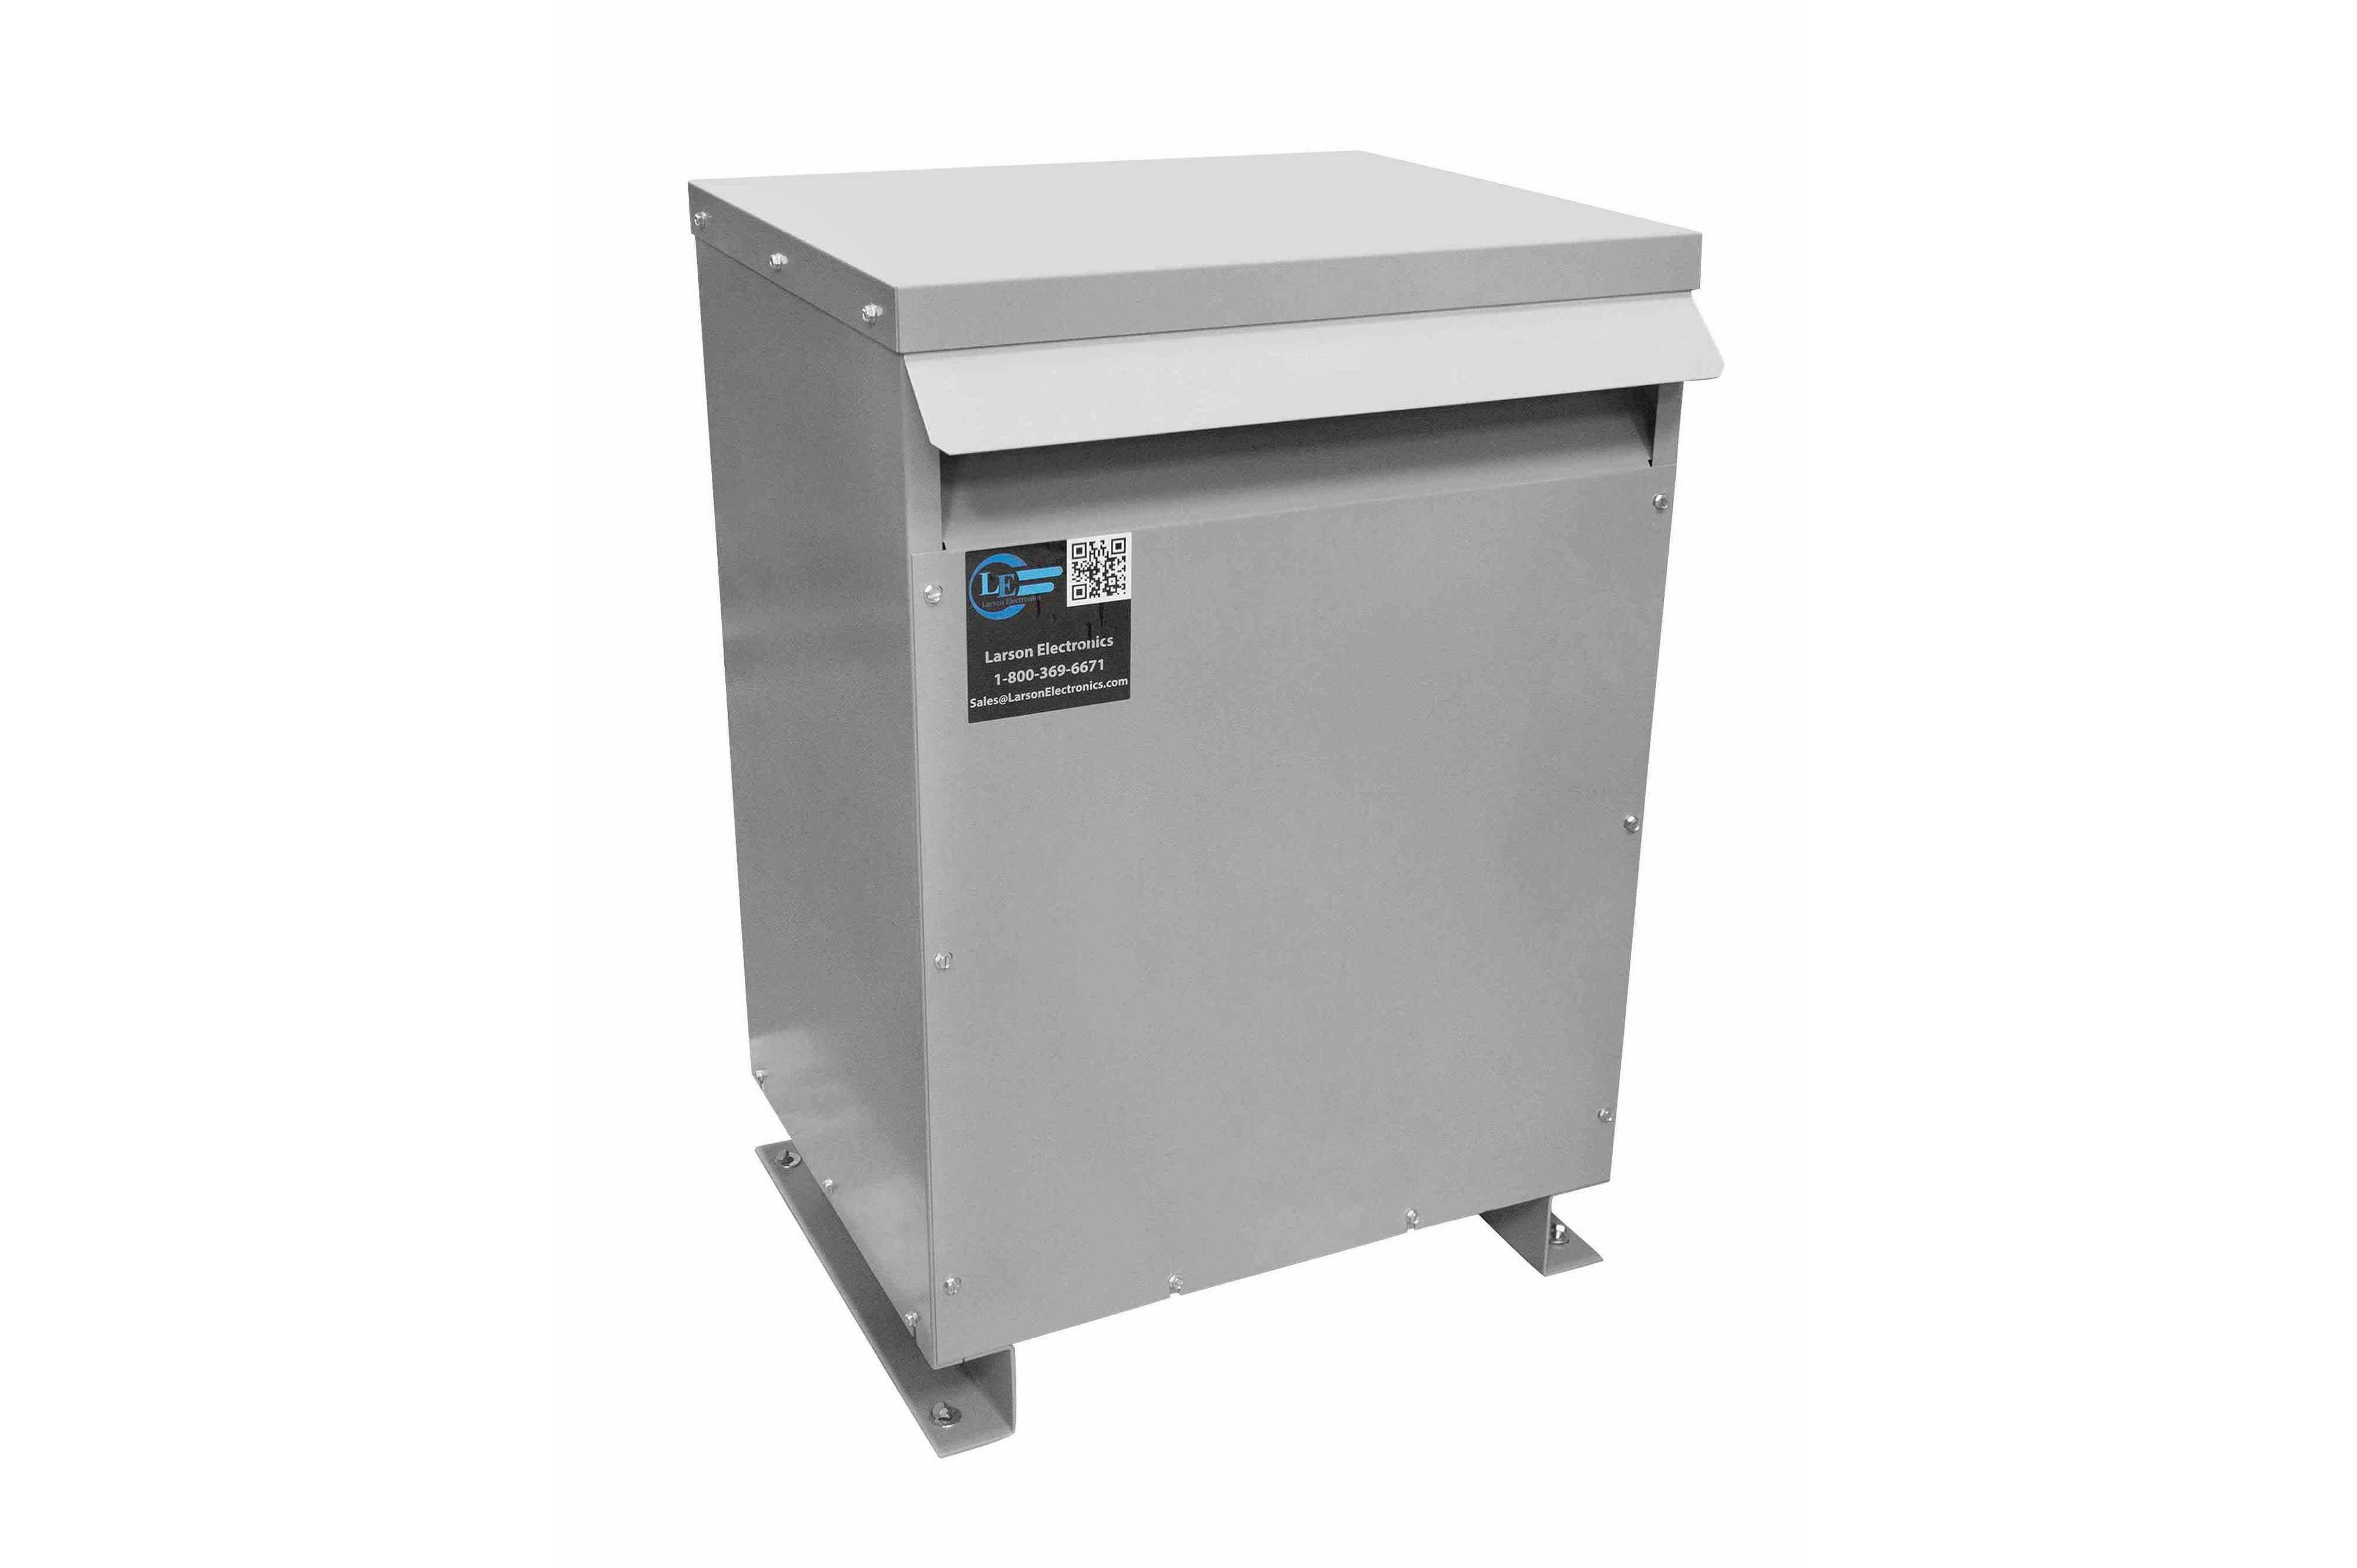 20 kVA 3PH Isolation Transformer, 480V Delta Primary, 415V Delta Secondary, N3R, Ventilated, 60 Hz